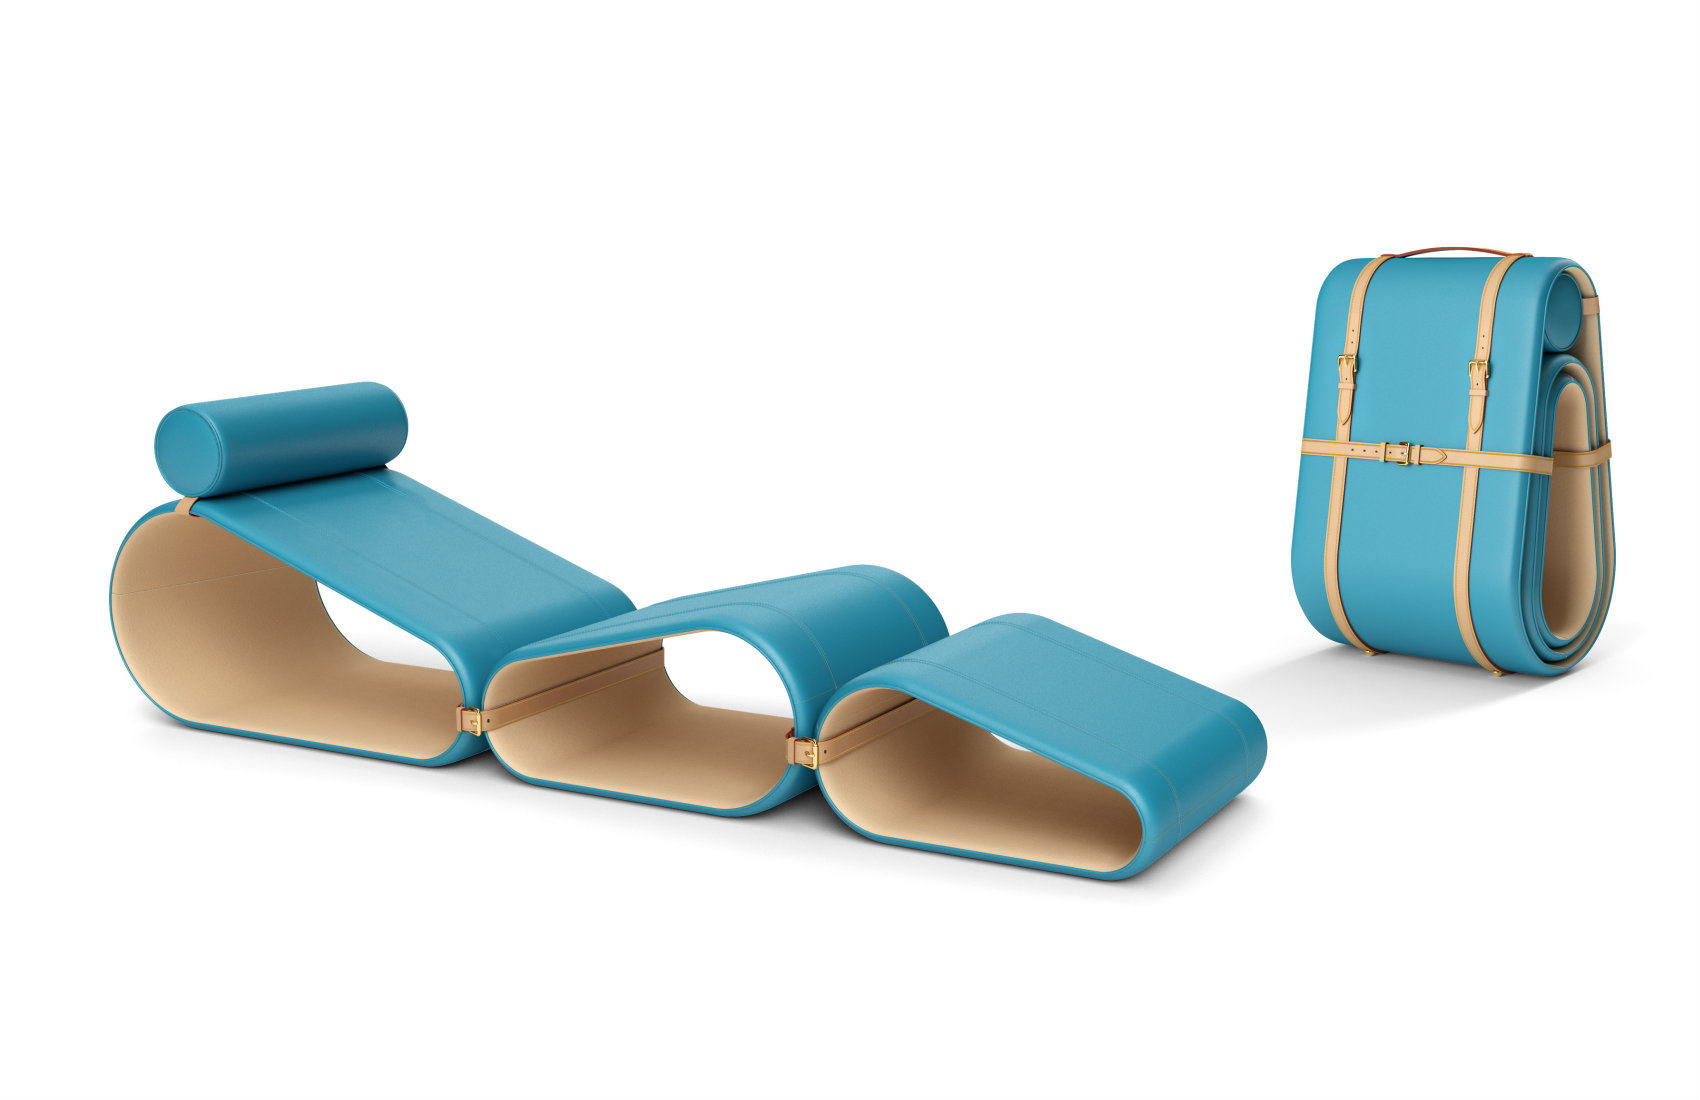 Chaise longue de Marcel Wanders para Louis Vuitton